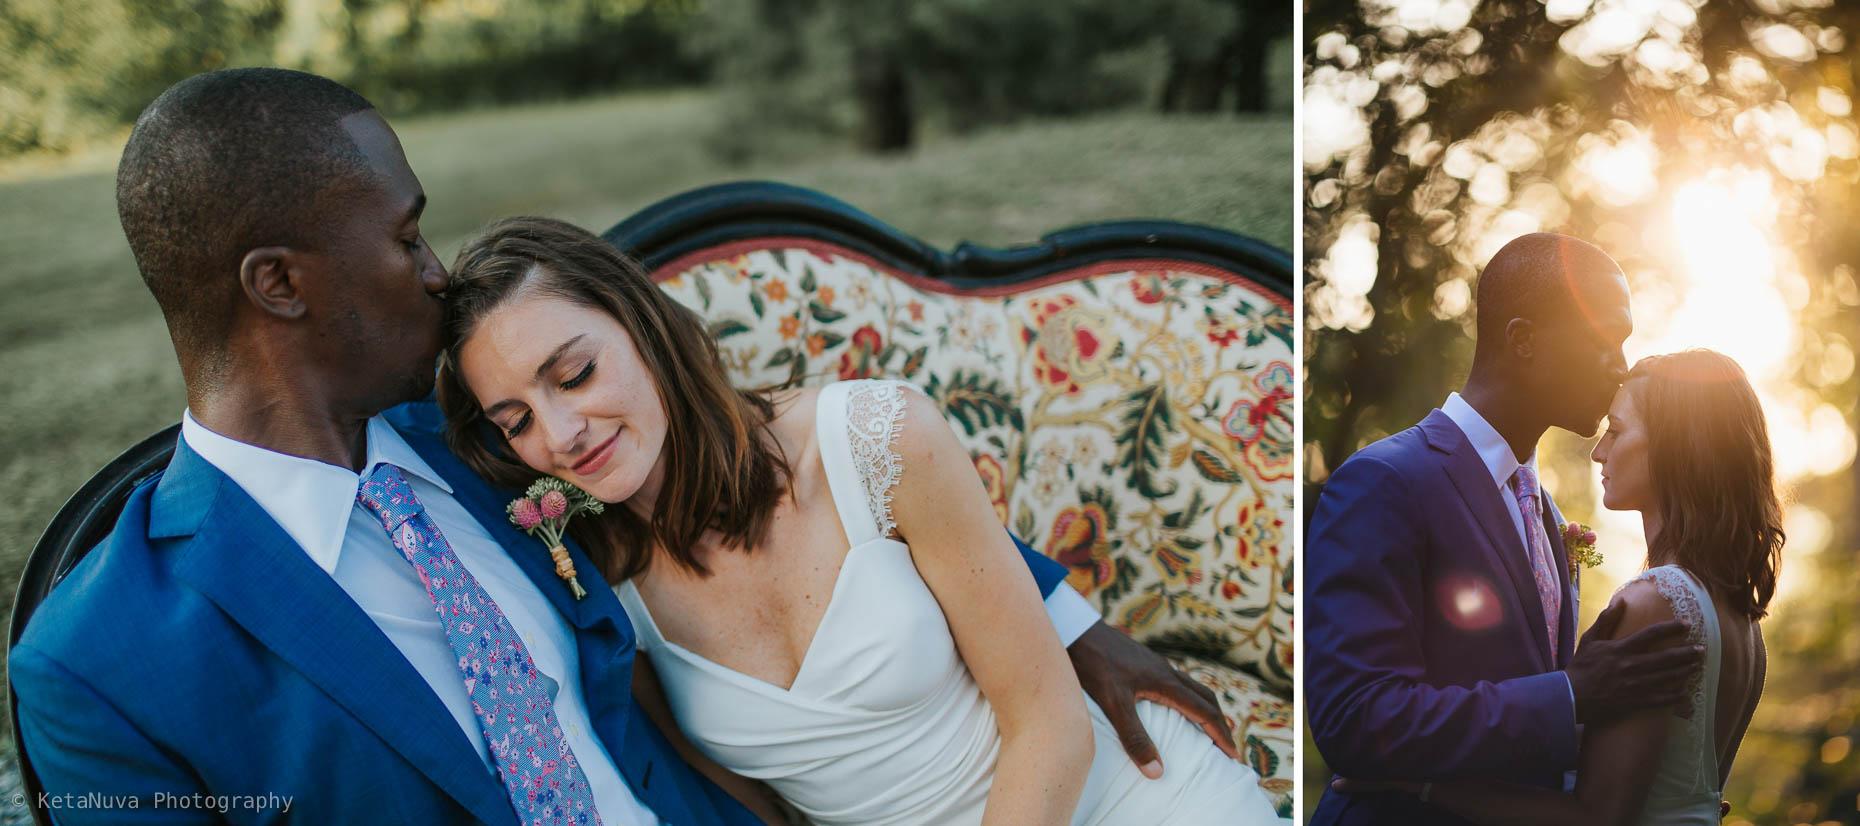 Sunken Garden - Lauxmont Farms Wedding | Aubrey & Barrett Lauxmont Farms Wedding Sunken Garden 014